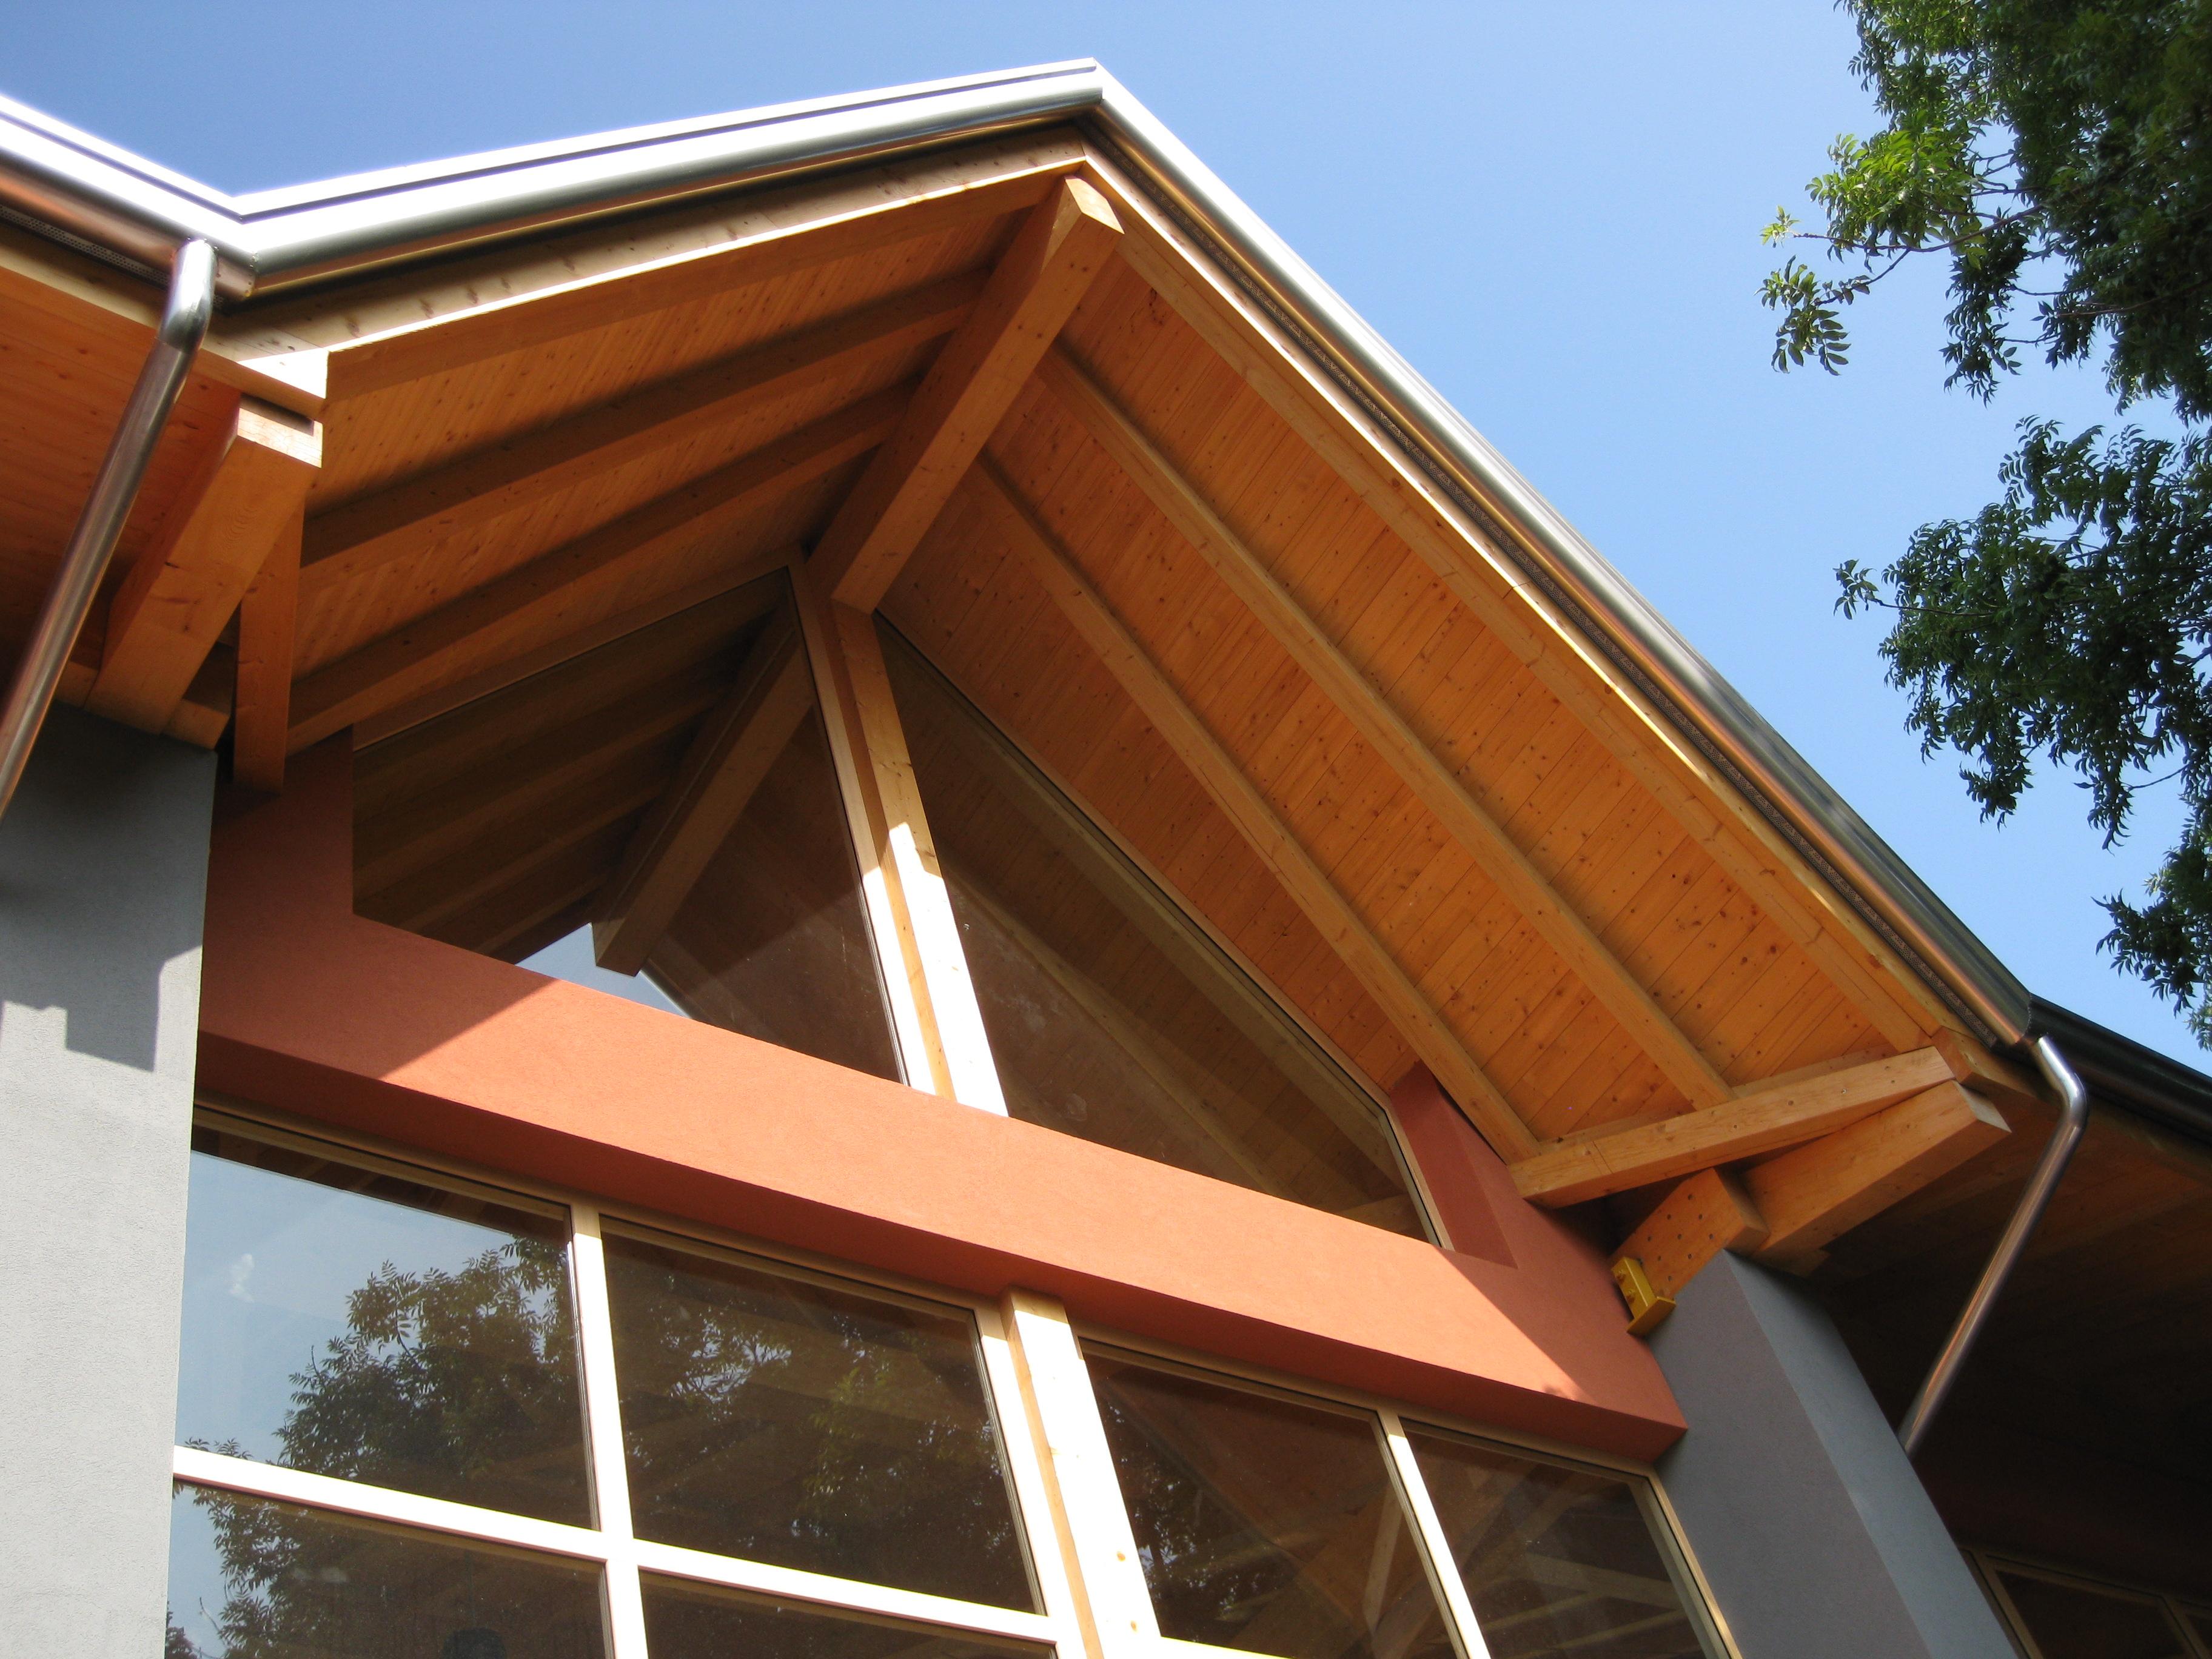 Realizzazione rivestimenti esterni in legno per case - Veneta Tetti